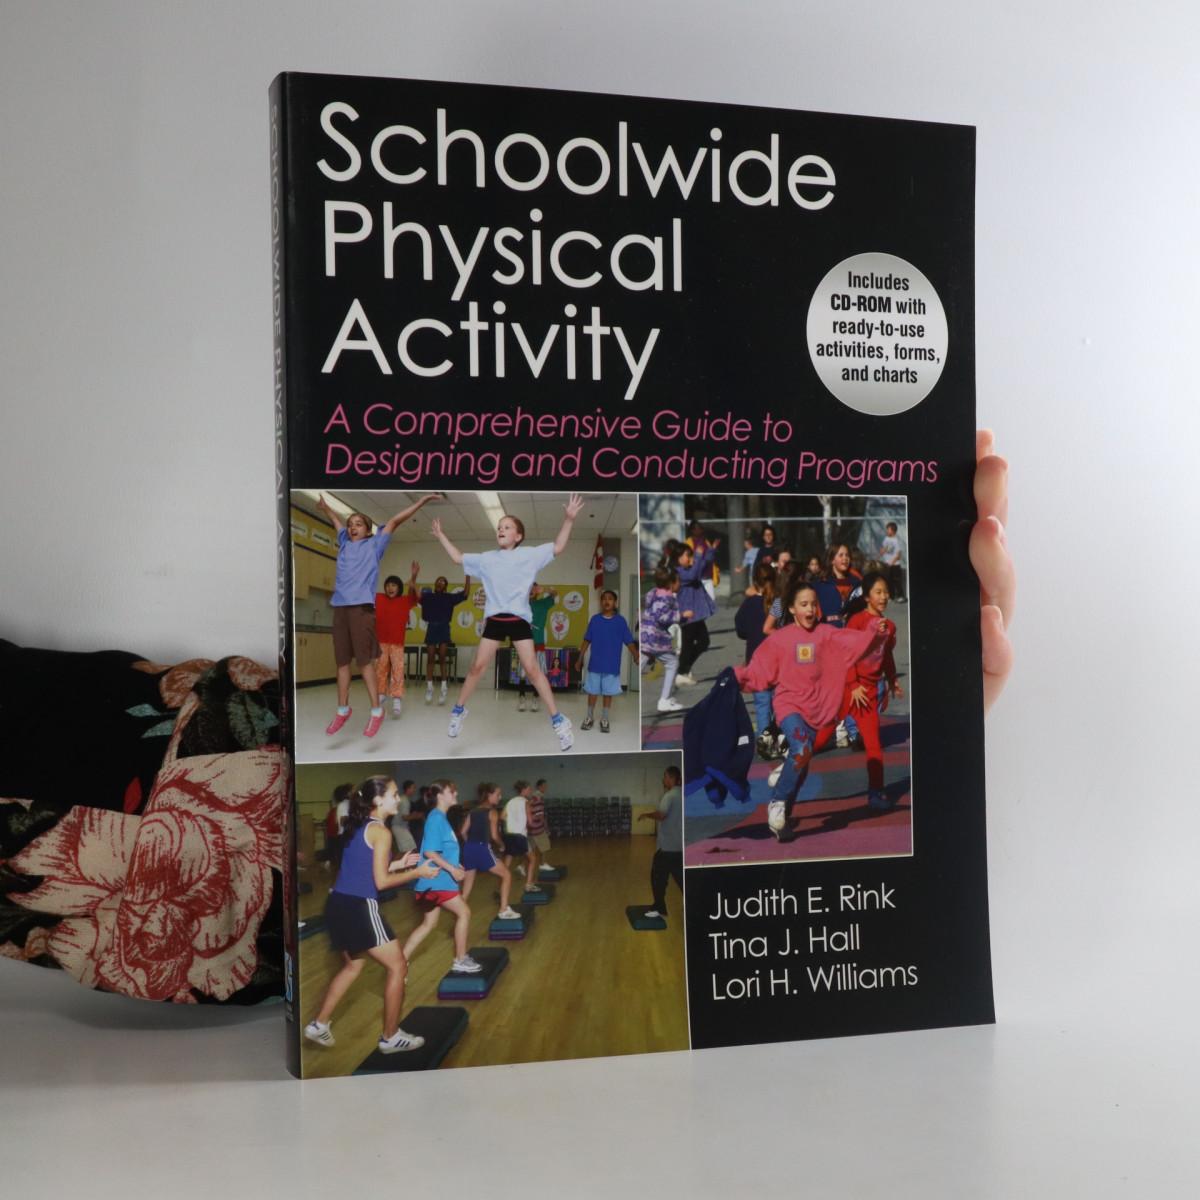 antikvární kniha Schoolwide Physical Activity, včetně CD, neuveden